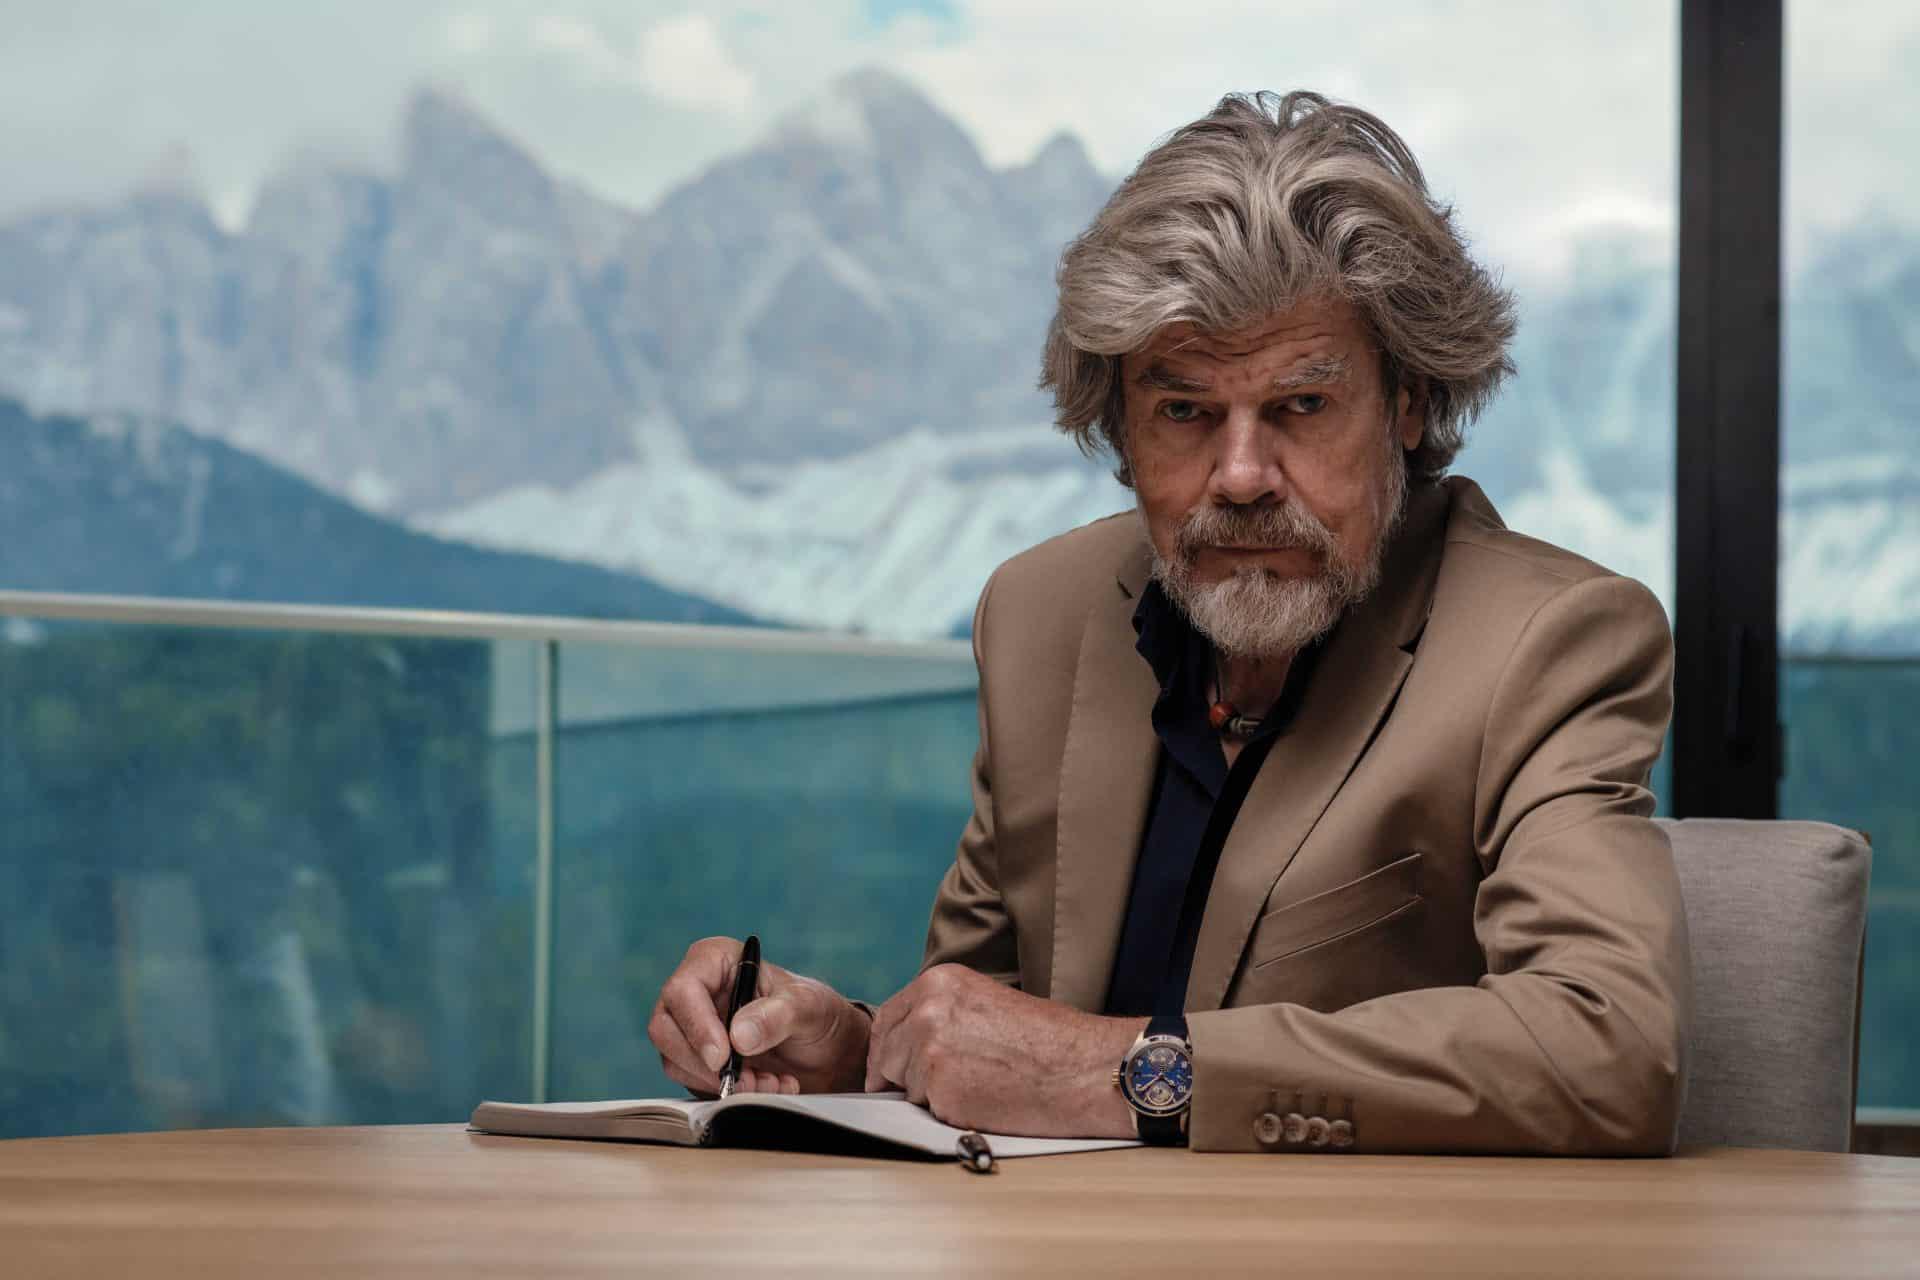 Der Bergsteiger und Buchautor Messner mit der Montblanc 1858 Geosphere Reinhold Messner LE 262 Ref. 126361 07